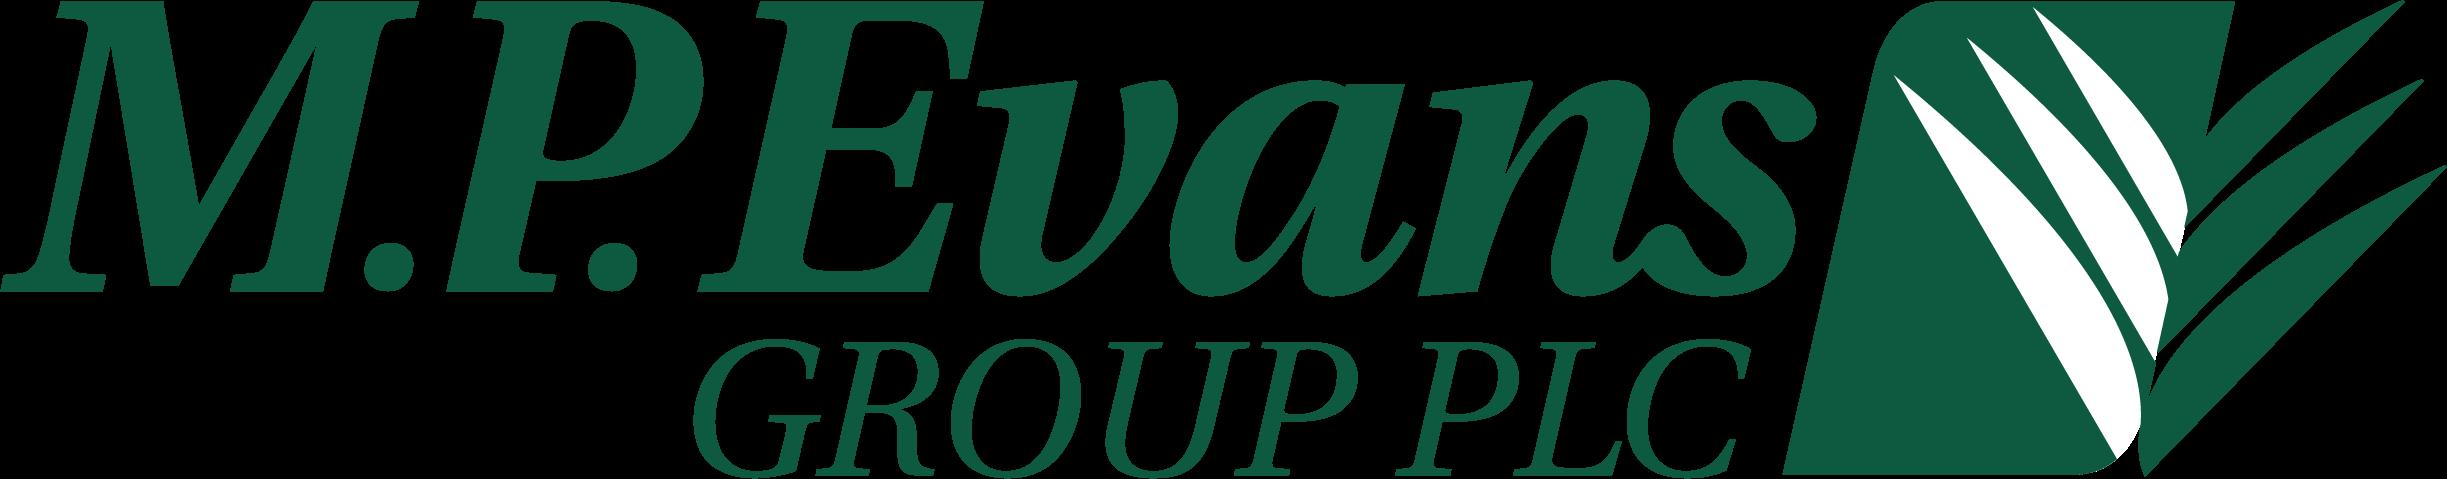 M.P. EVANS GROUP PLC Logo